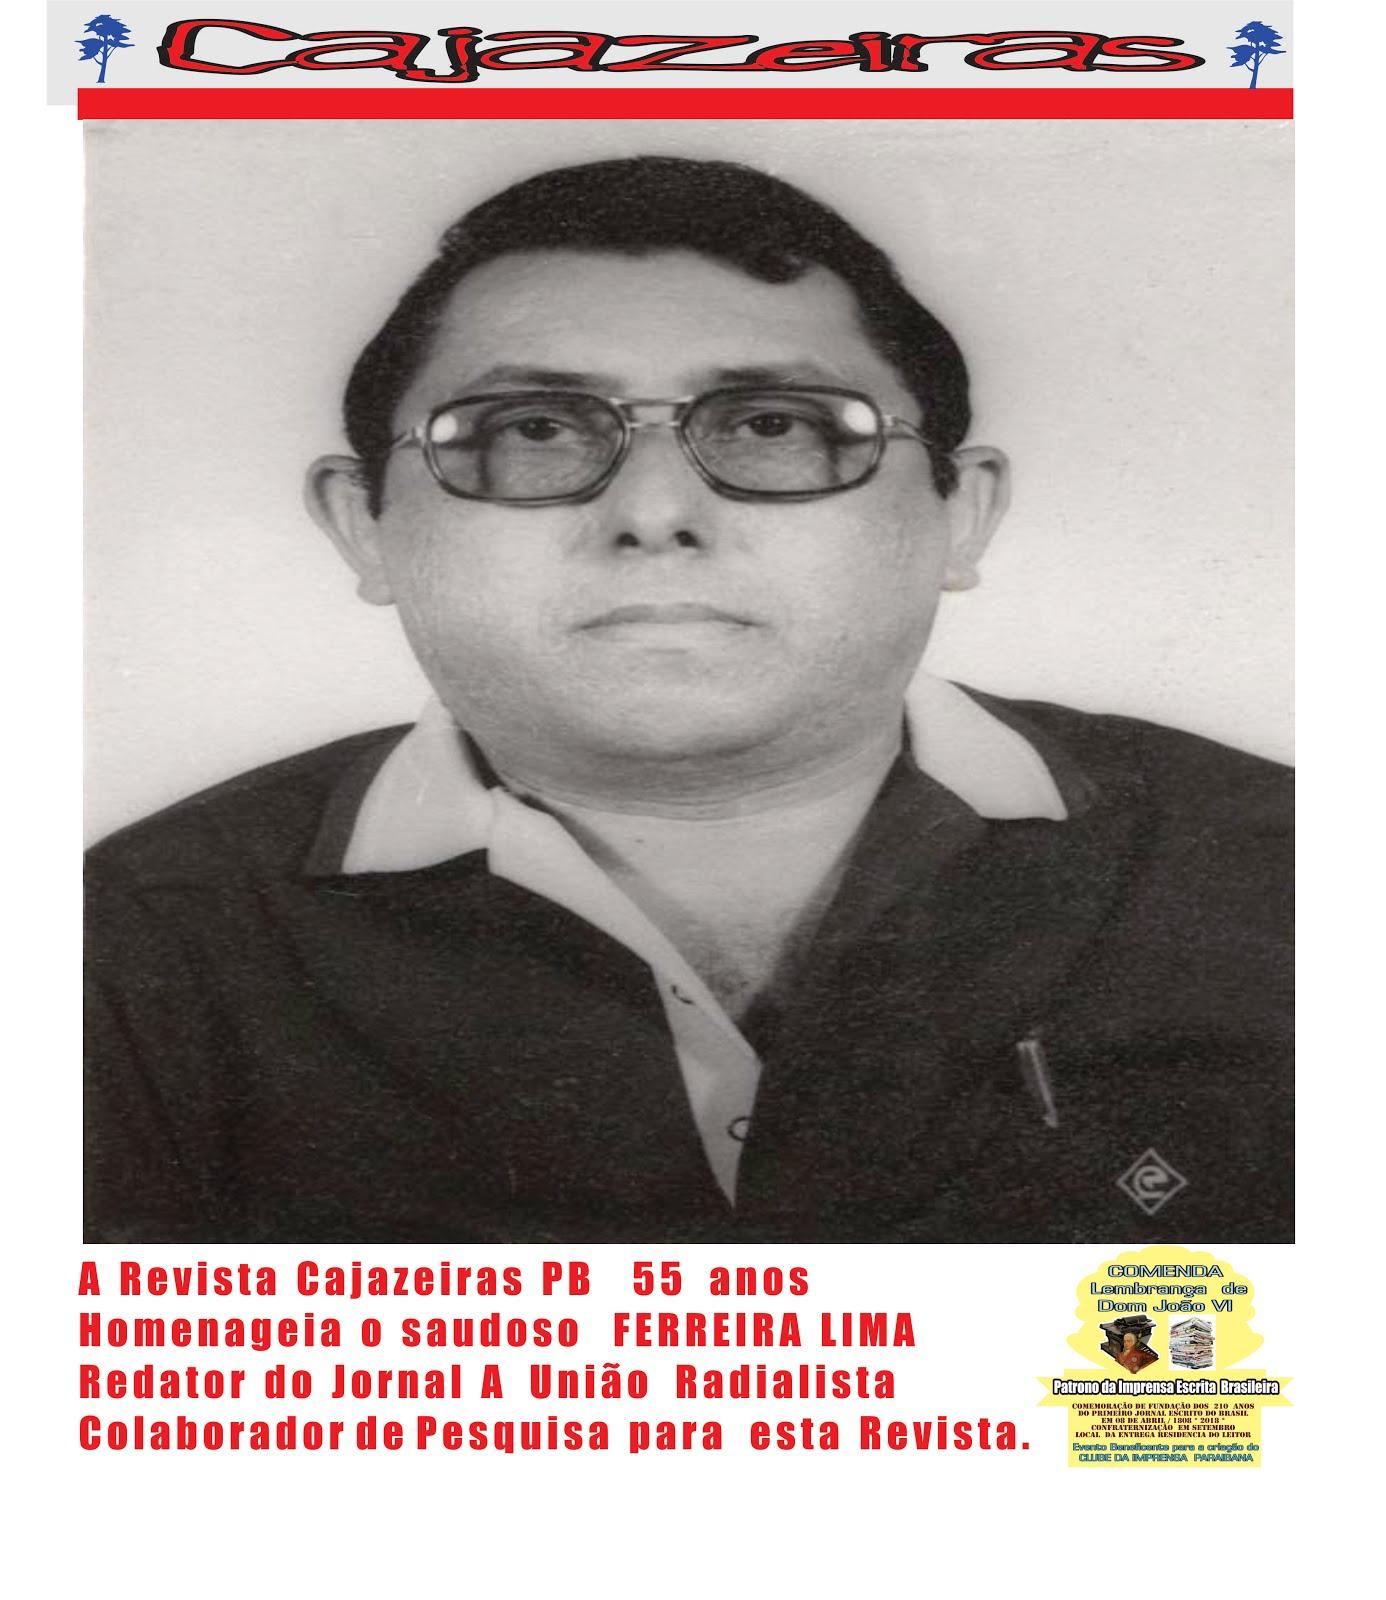 35147400e4a12 RADIALISTA E REDATOR JORNALISTA SEU FERREIRA LIMA DE JUAZEIRO DO NORTE CEARA